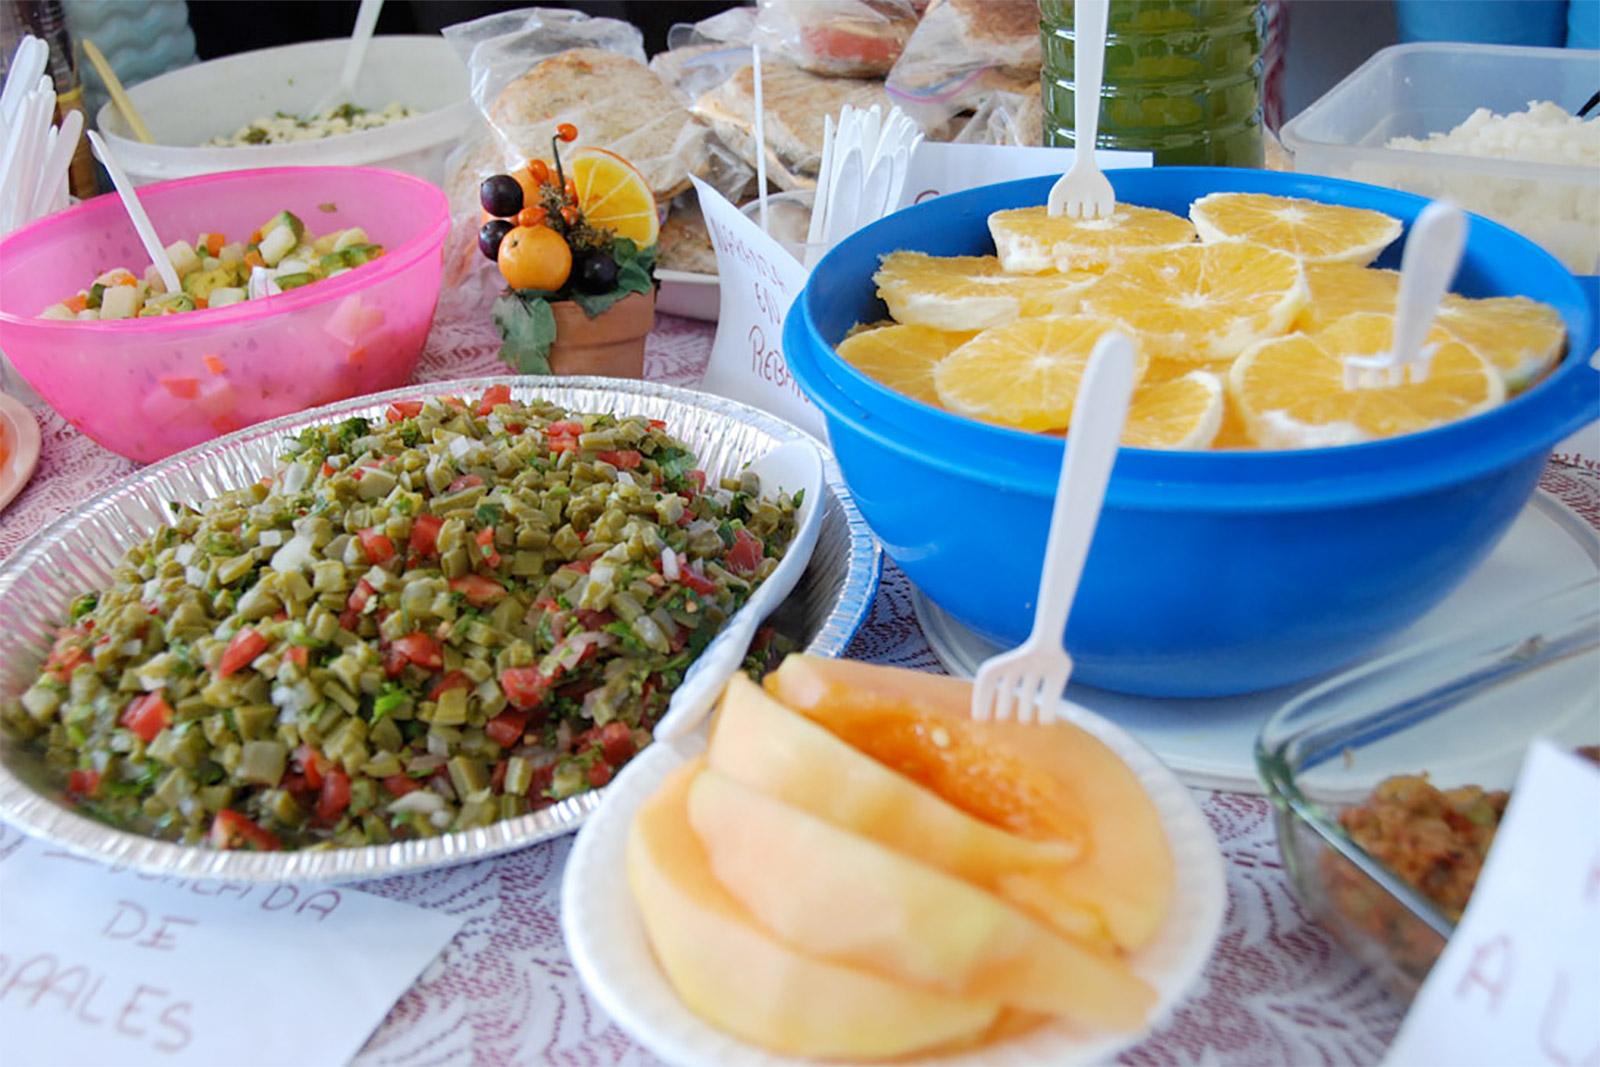 اتباع حمية غذائية صحية يمكن أن يوقف انتشار مرض السكري من النوع الثاني